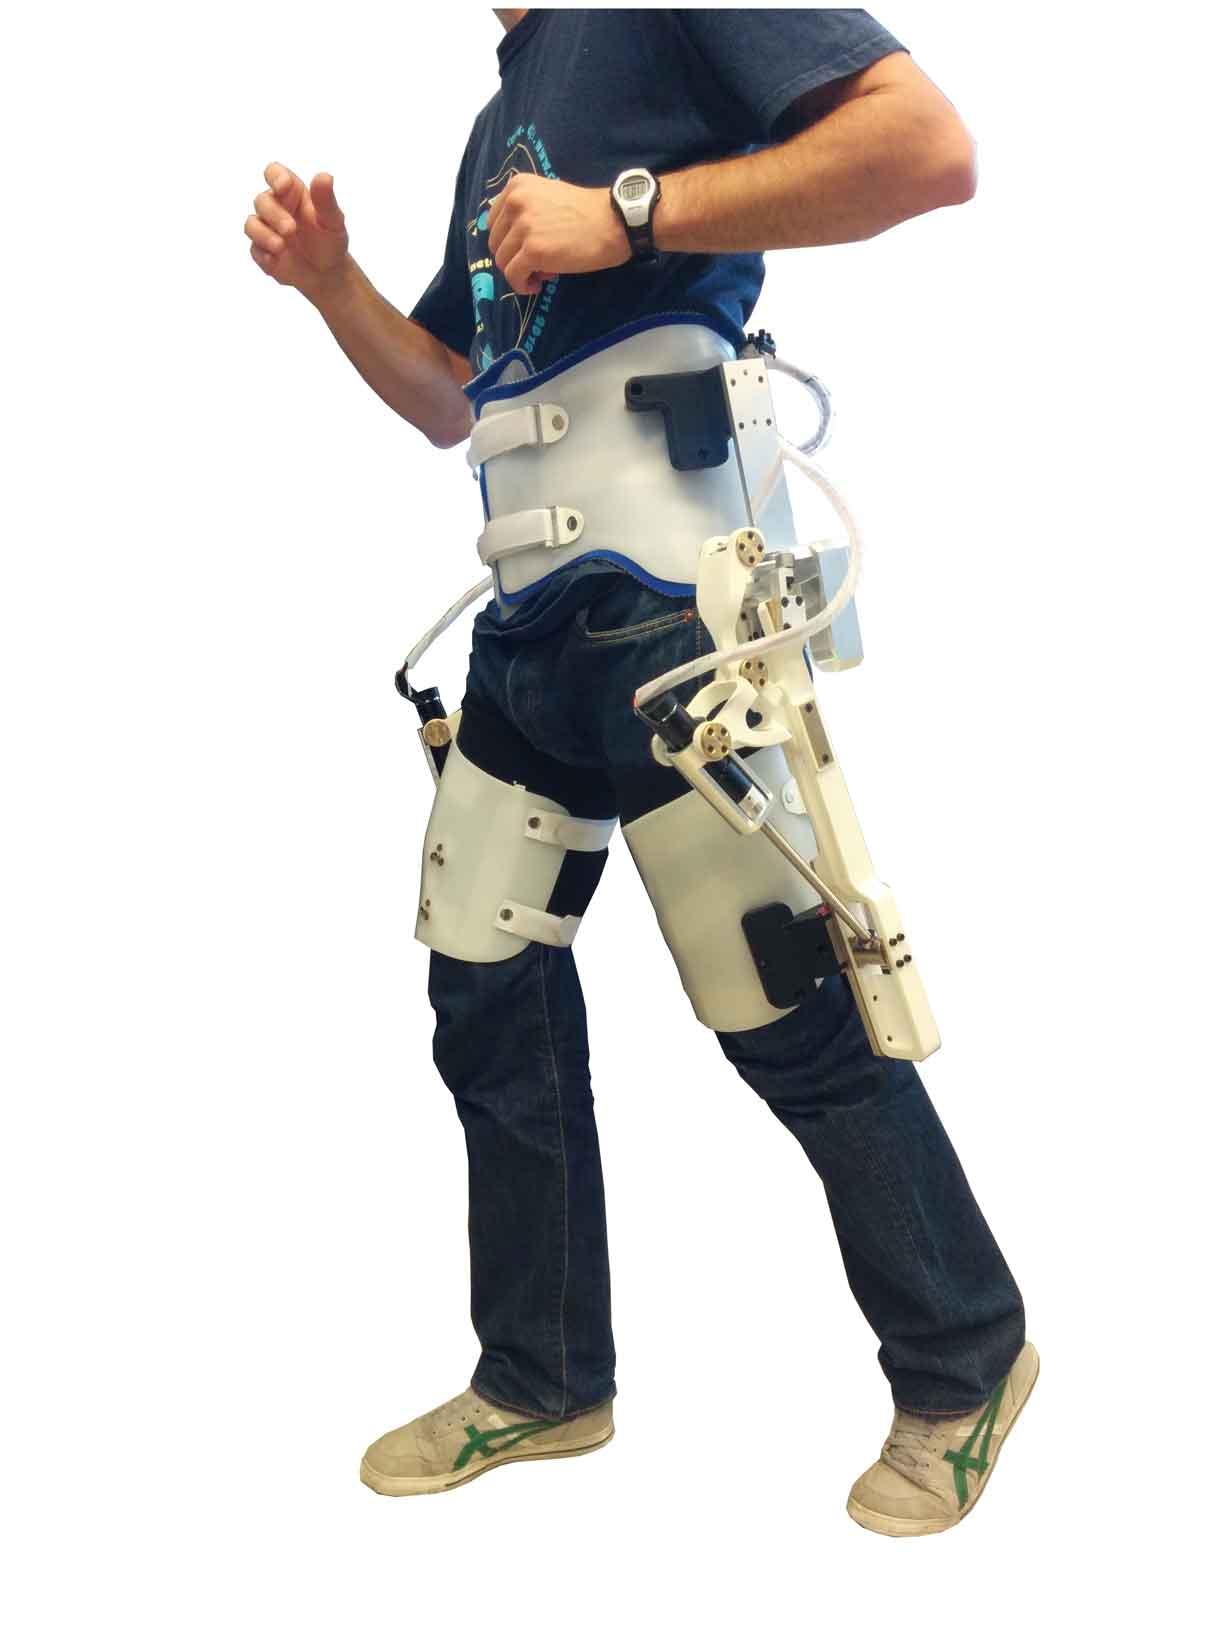 Exoskeleton device for the elderly